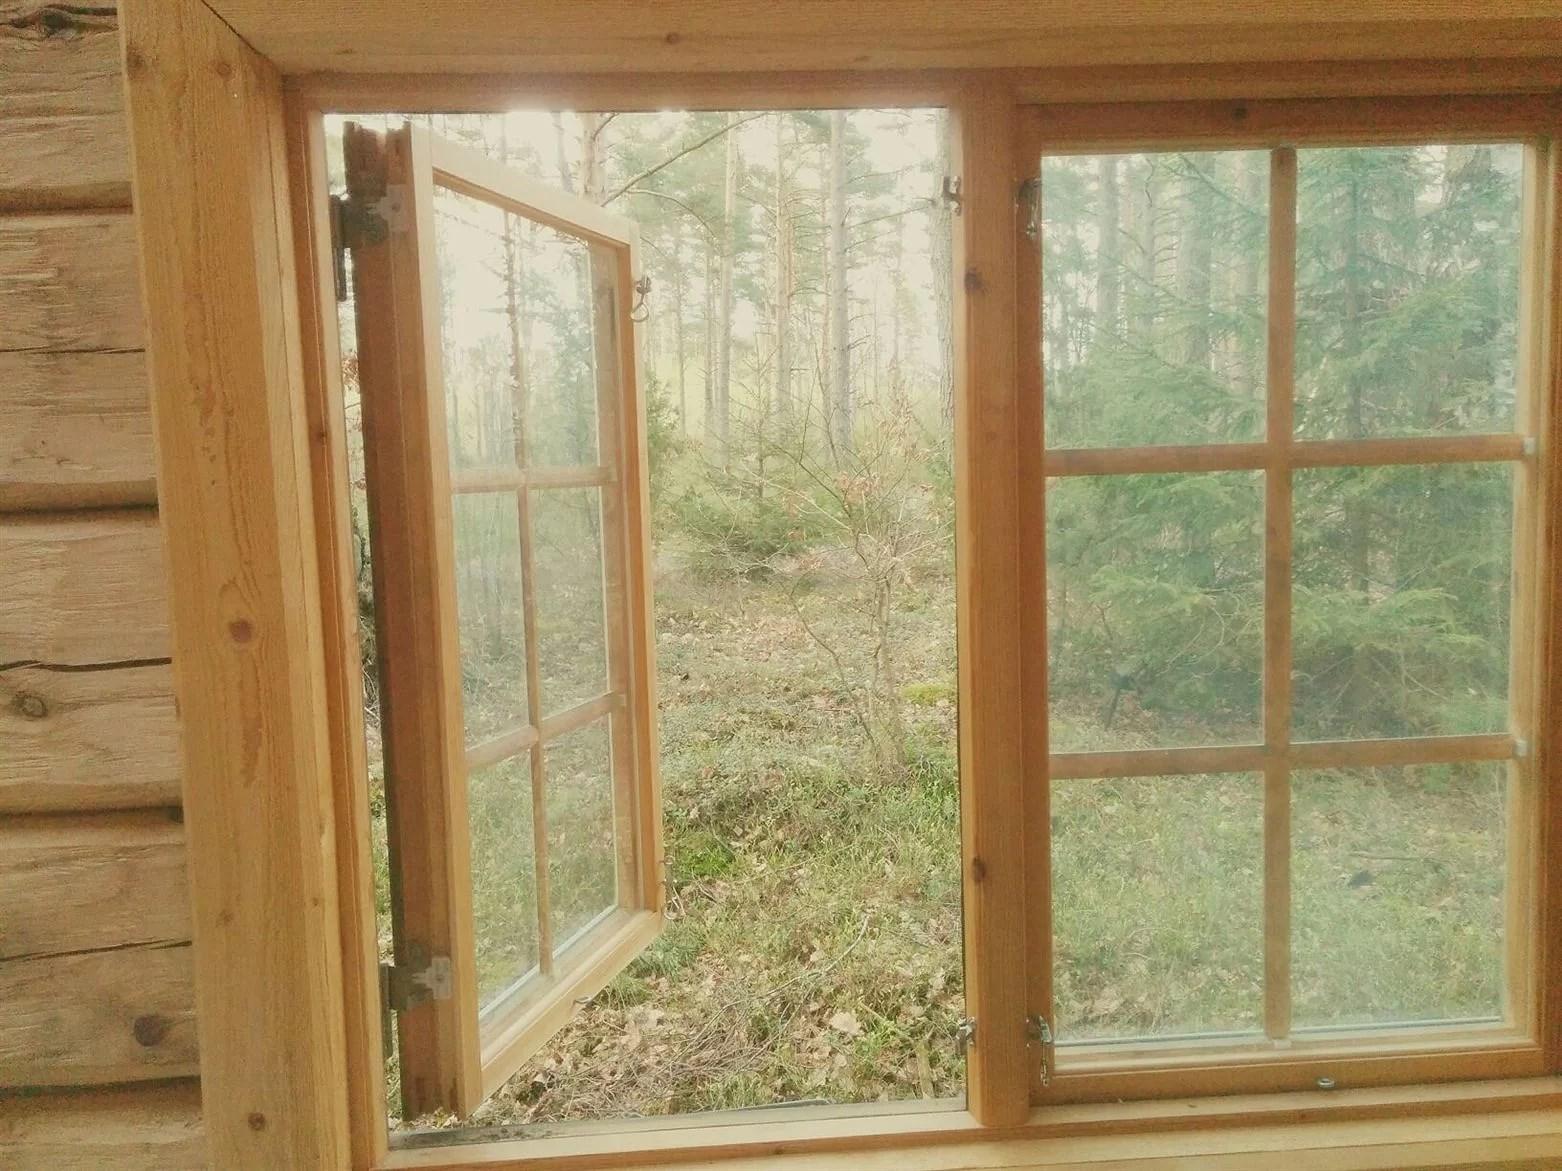 I en stuga ute i skogen